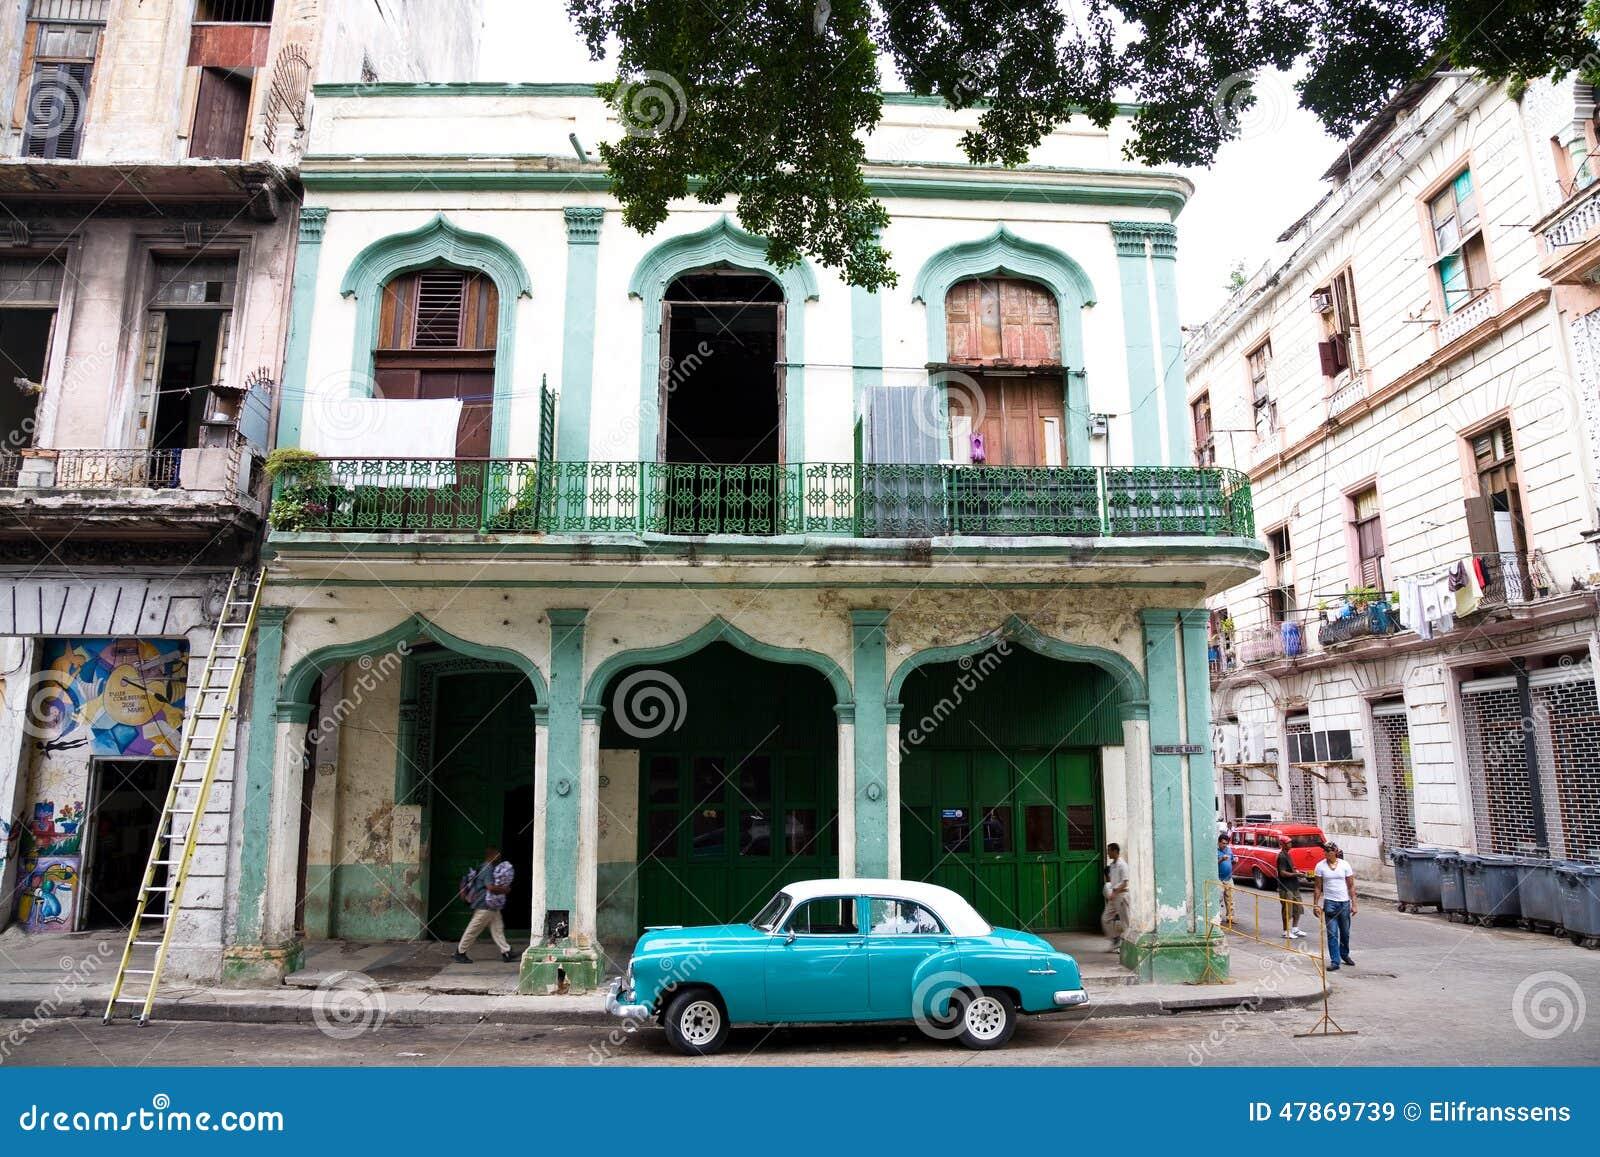 Urban Street Scene, Havana, Cuba Editorial Stock Image ...